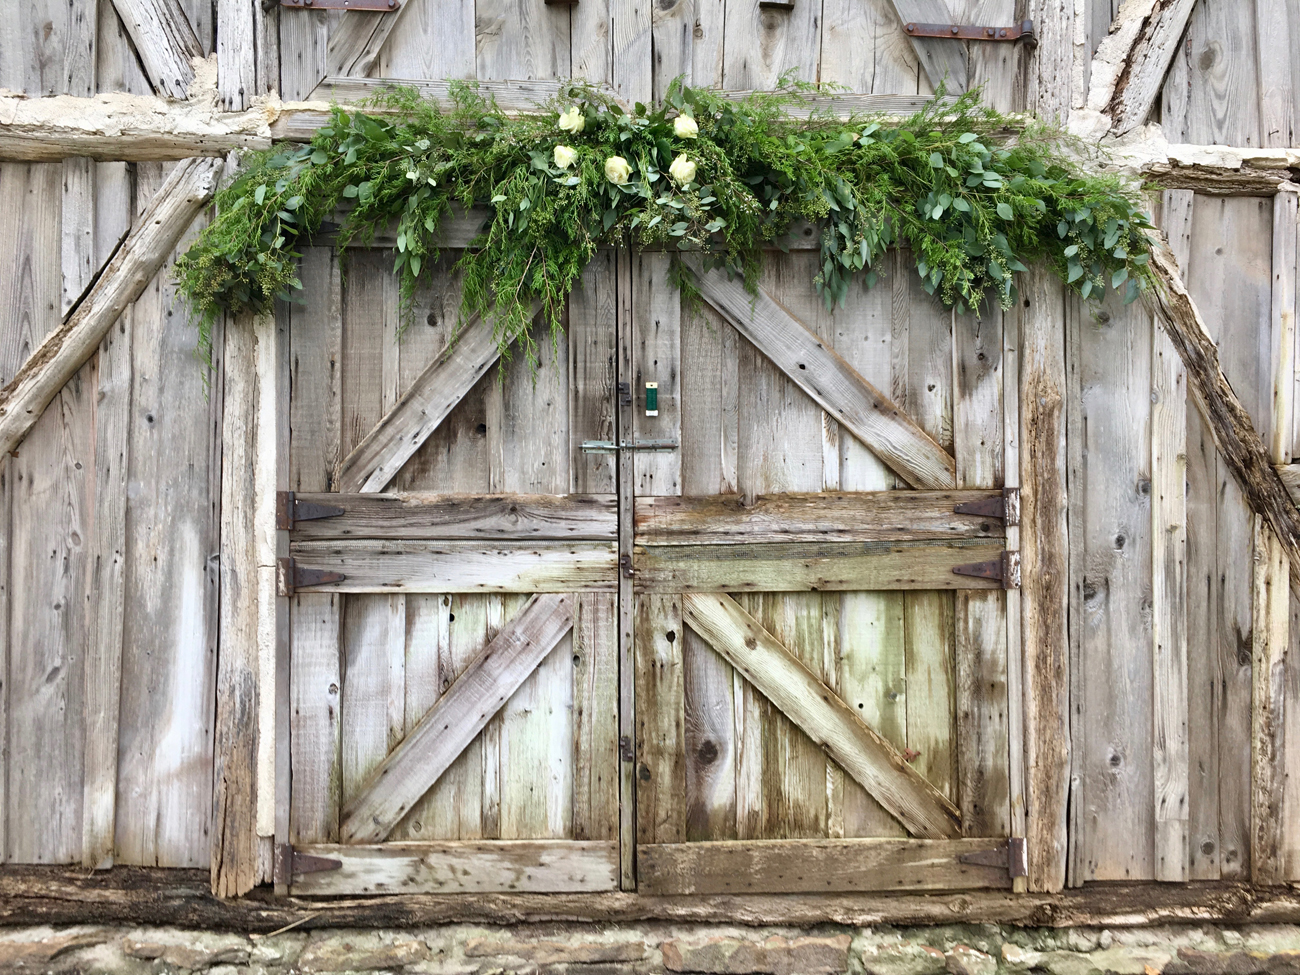 brett-megan-tulsa-wedding-la-vintage-rentals-02.jpg